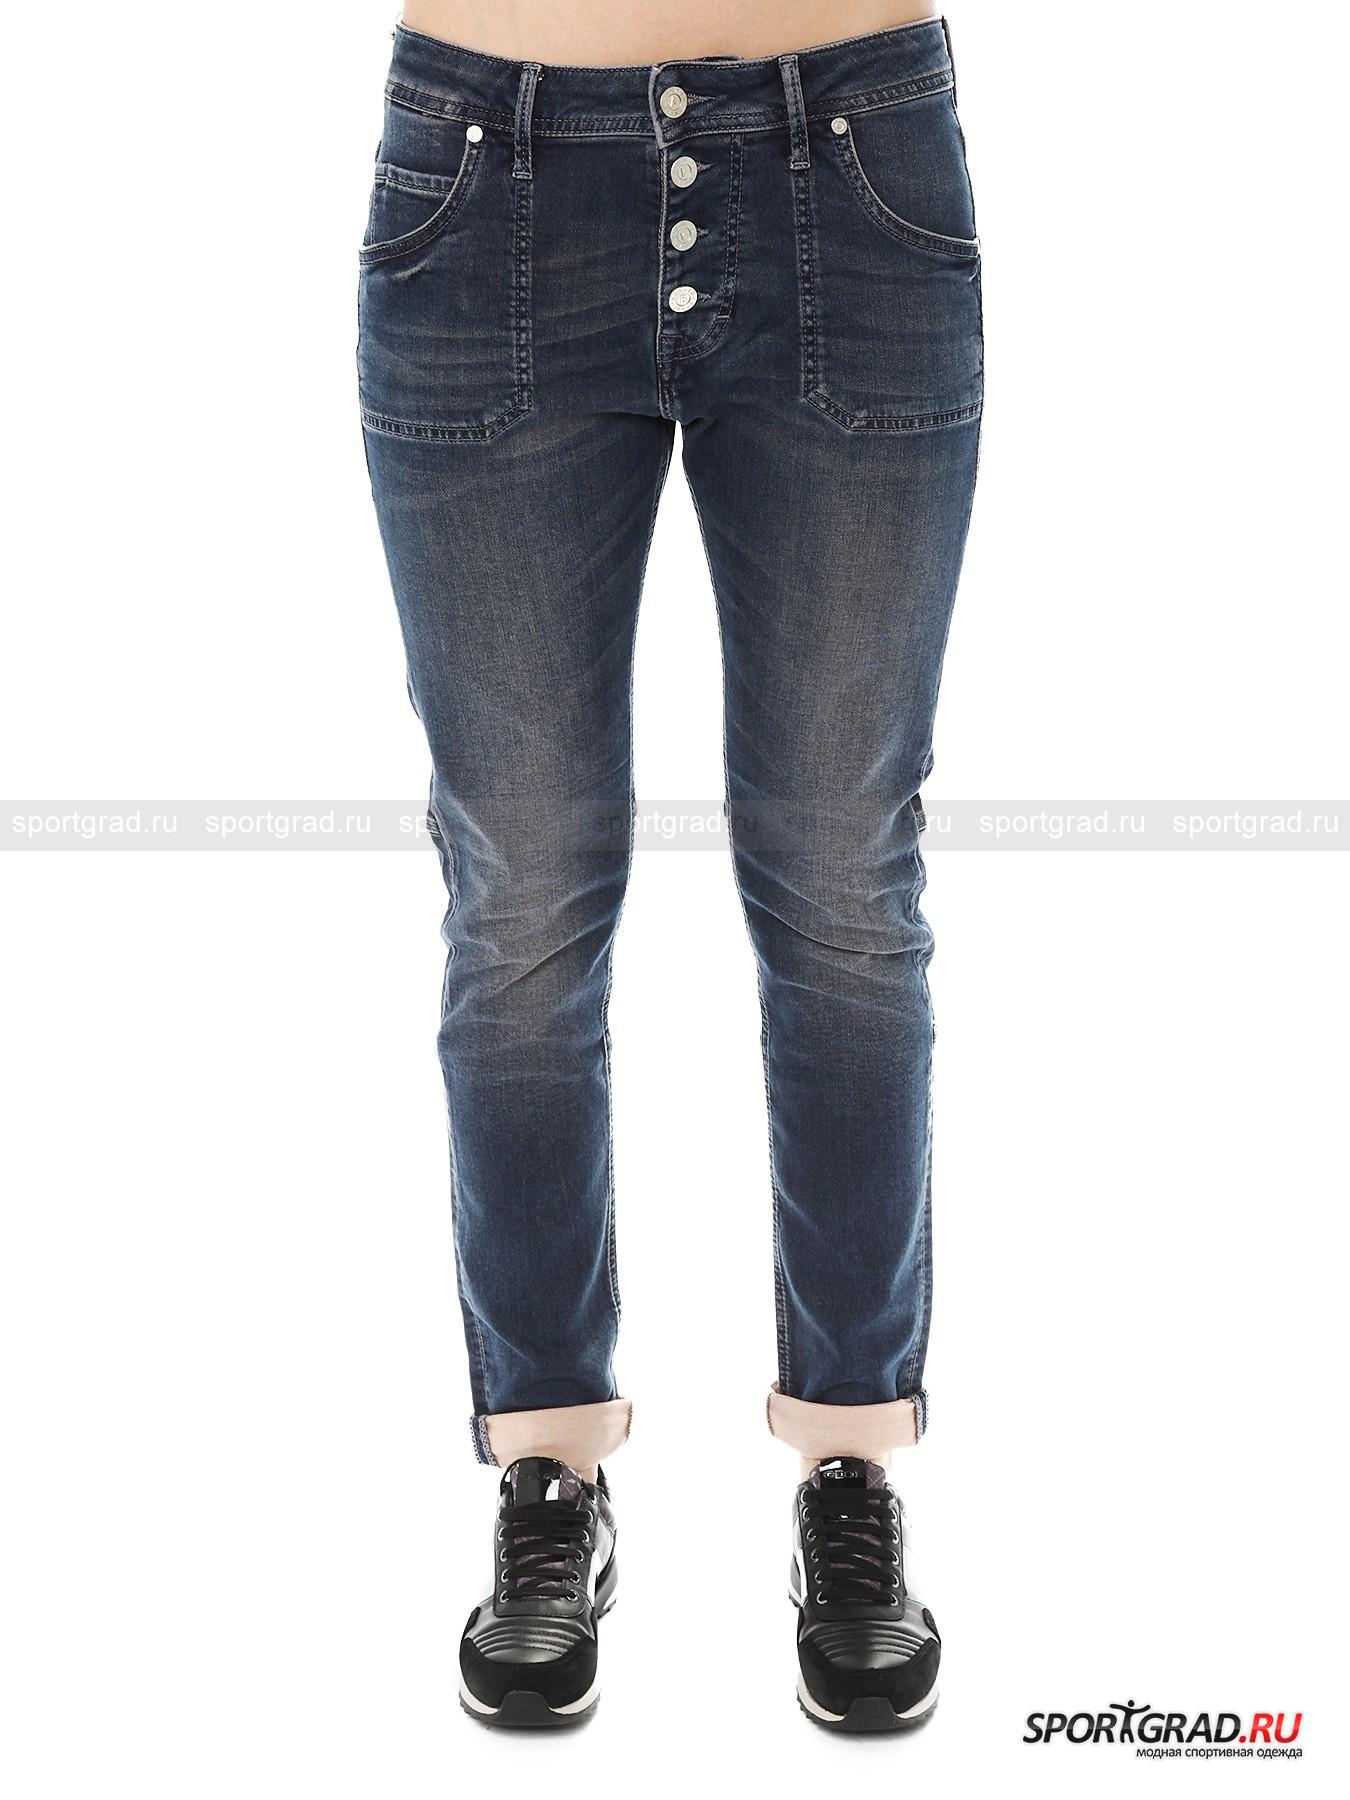 джинсы-же-н-bogner-jeans